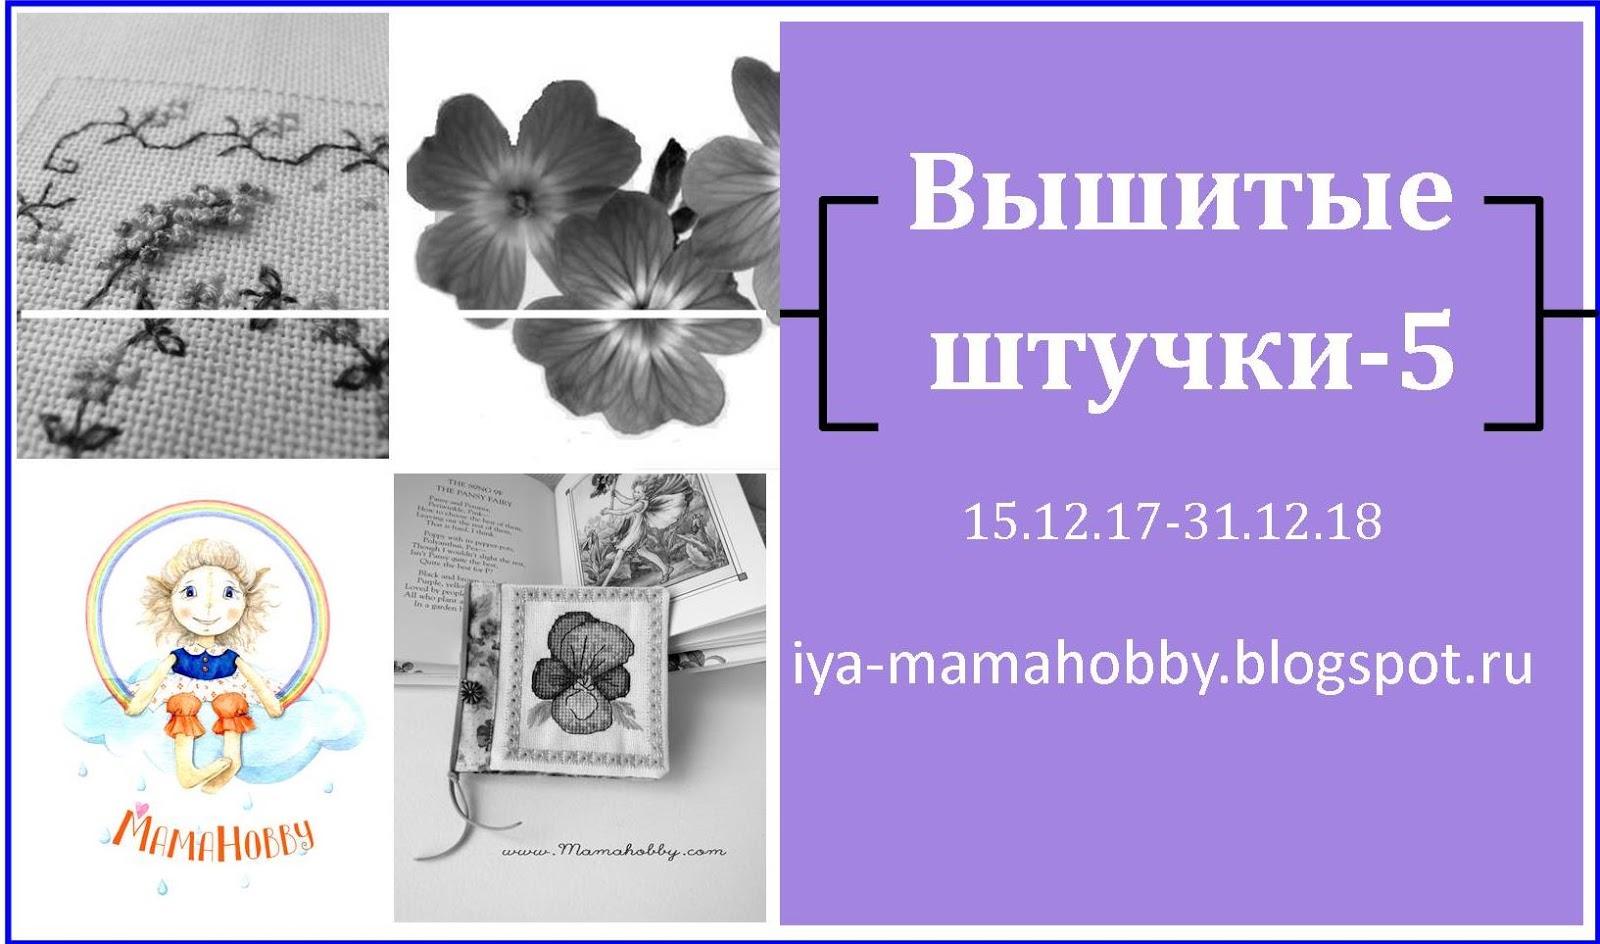 с 15.12.2017 по 31.12.2018